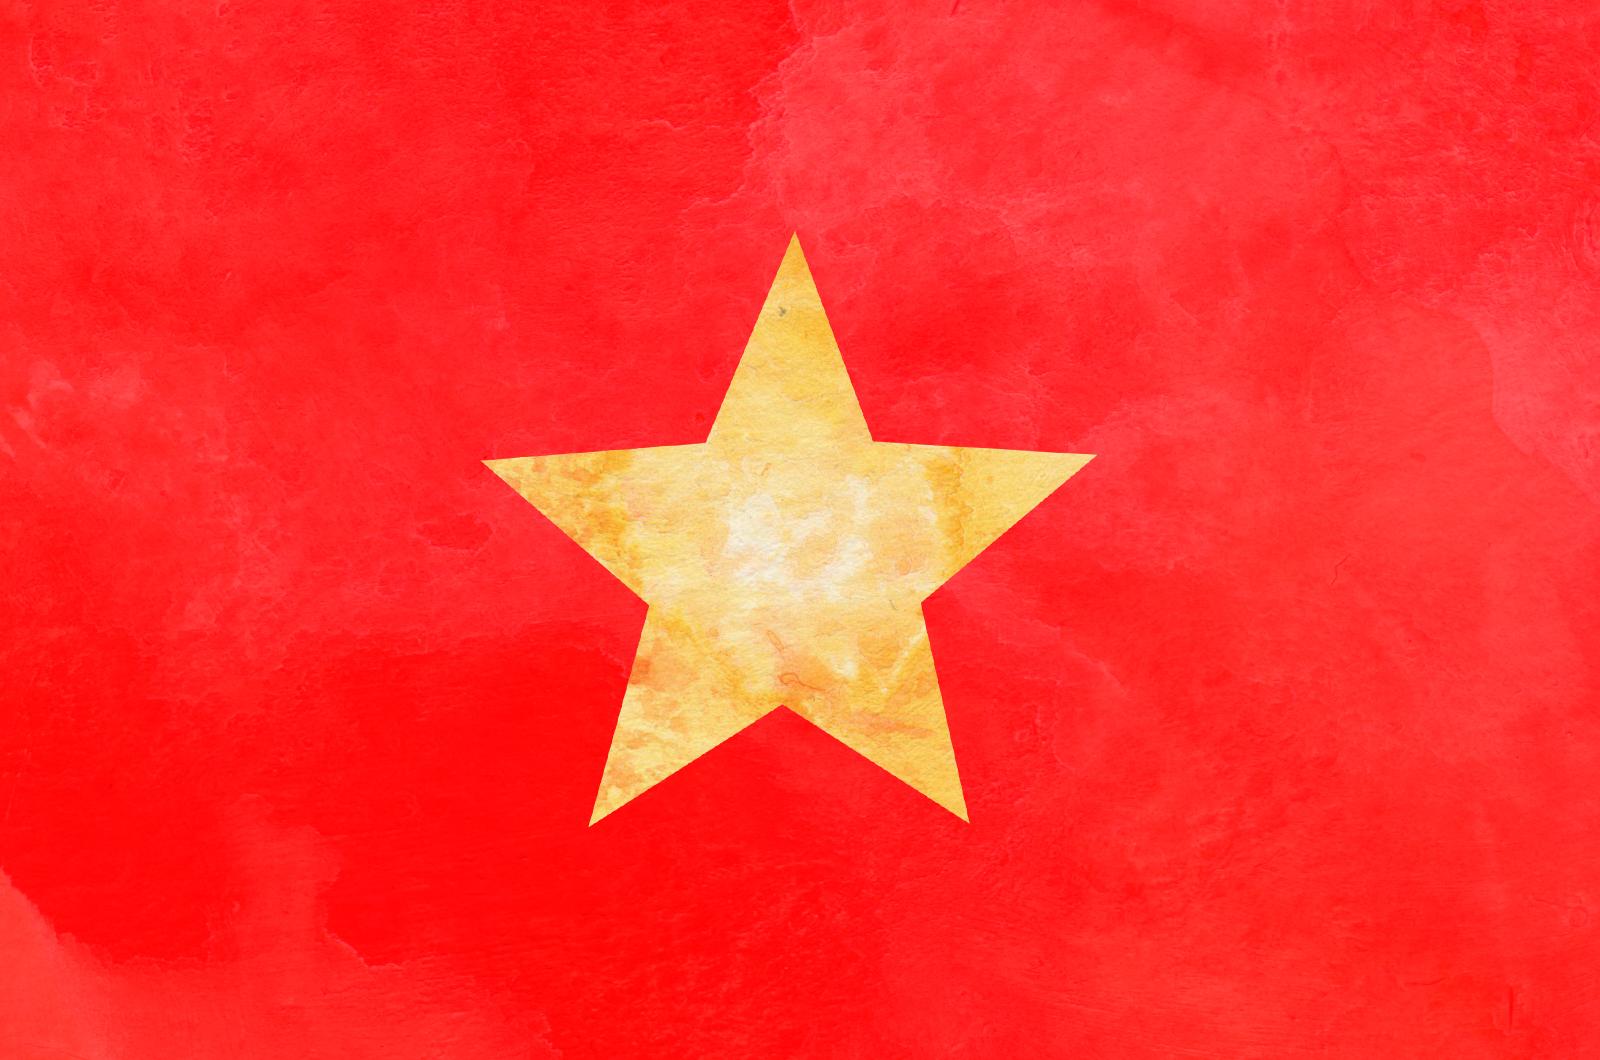 増加するアプリ開発案件を、大量かつスピーディに対応!ベトナムスタジオの新設のお知らせ